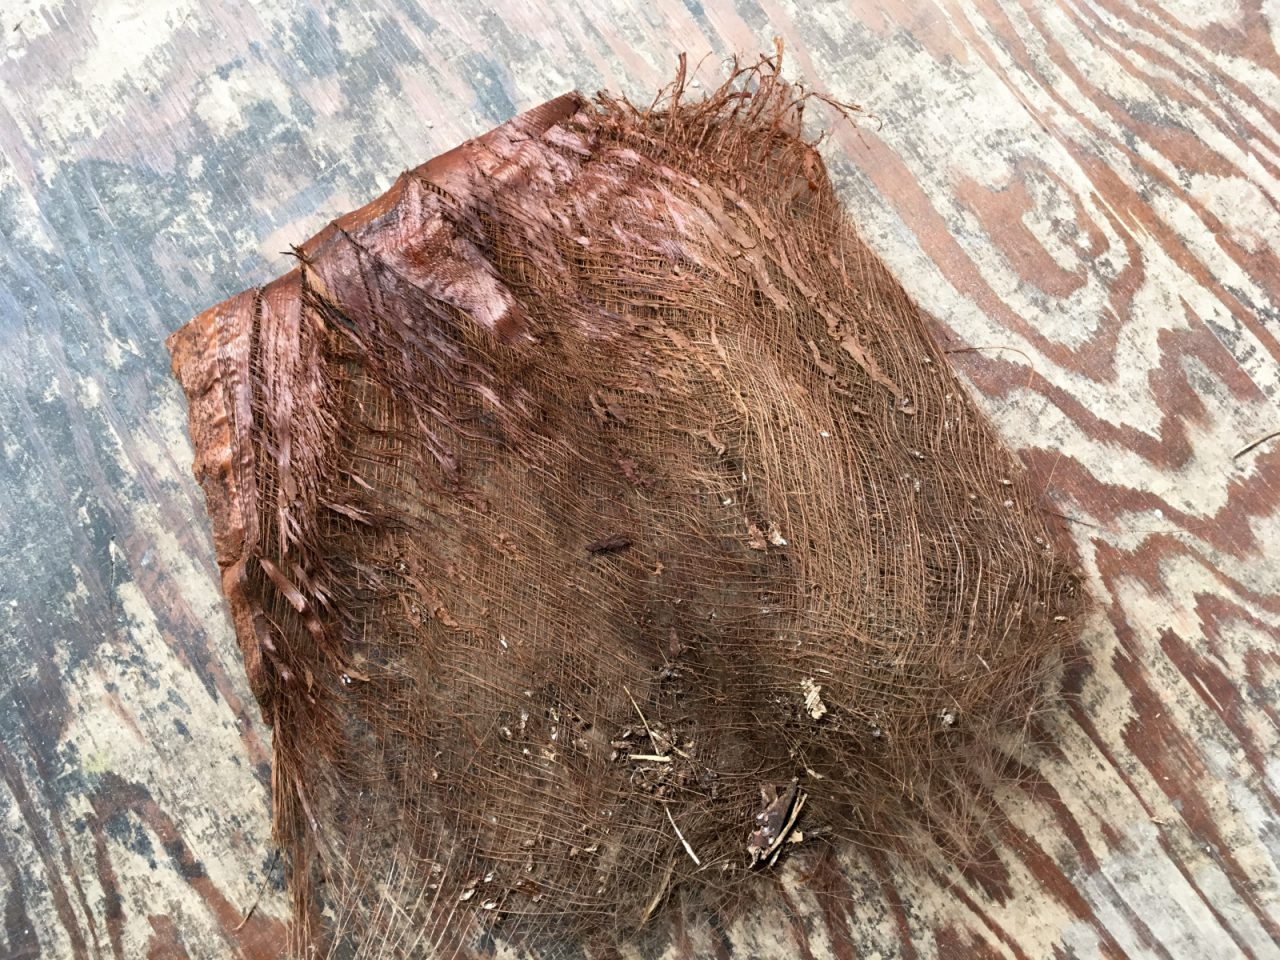 木から剥がした状態のシュロの樹皮。繊維が絡み合っています